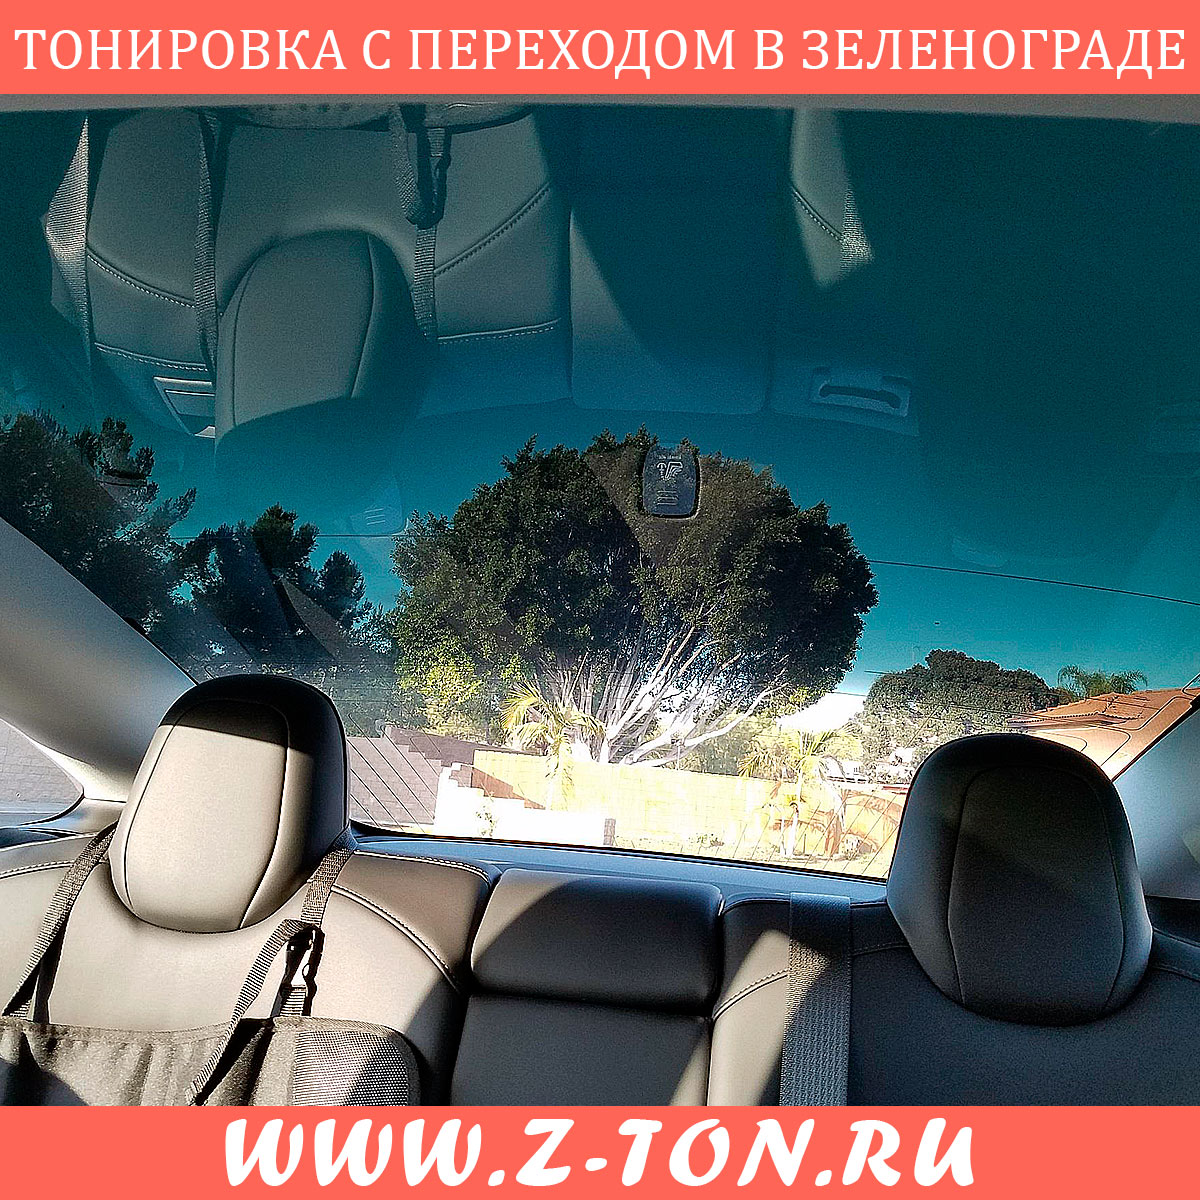 Тонировка стекла автомобиля с переходом в Зеленограде (Андреевка, Крюково, Москва)